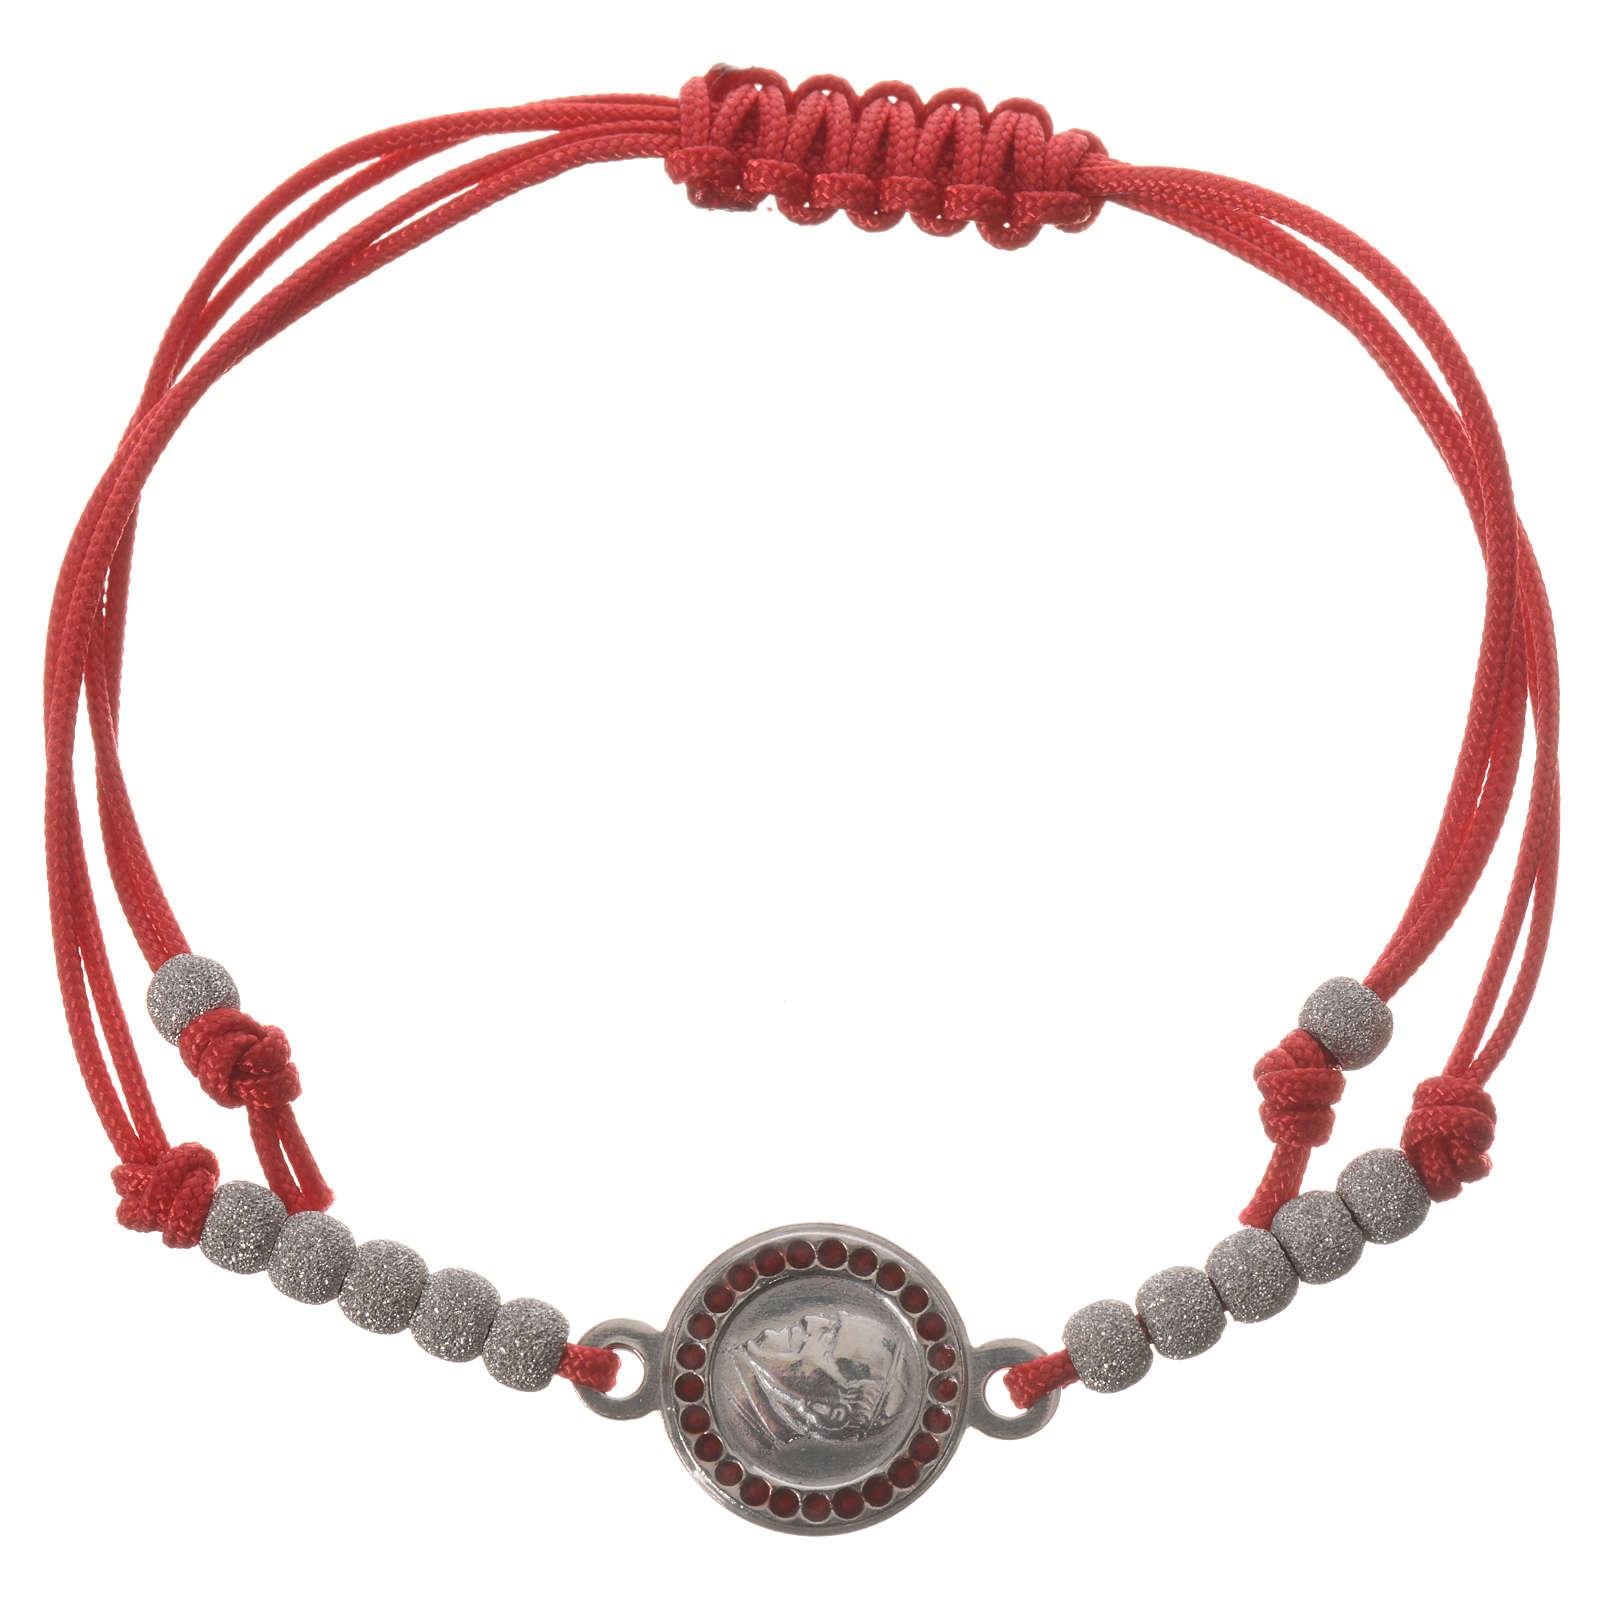 Bransoletka sznurek czerwony medalion srebro 800 Papież Franciszek 4